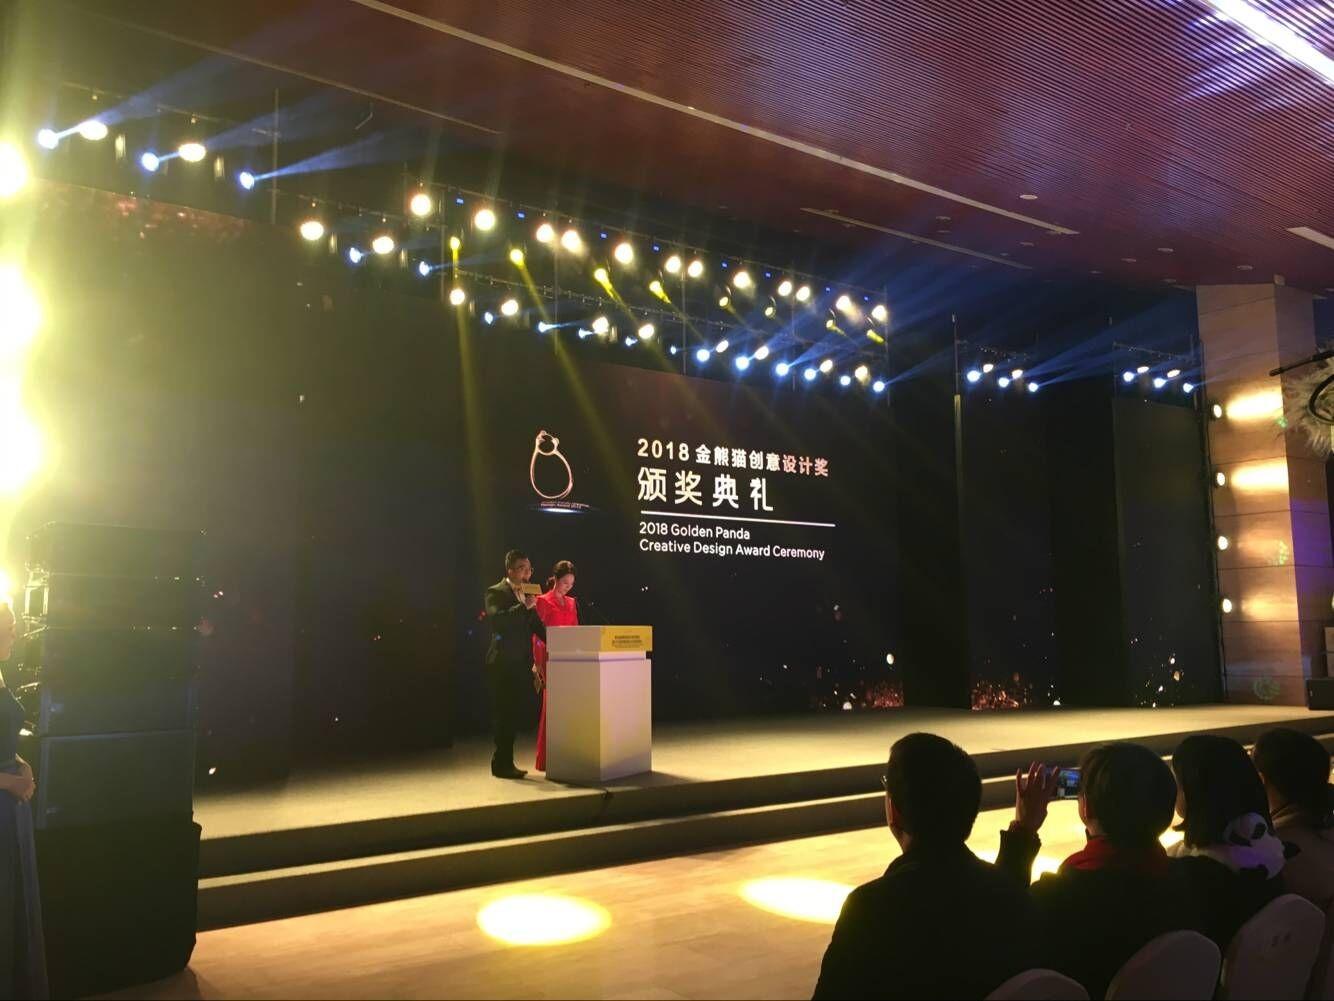 """2018金熊猫创意设计奖颁奖典礼现场。杜芋漩 摄 据了解,此次赛事的参赛作品数量庞大、类型多样、形式新颖,虽然今年未能有作品获得新增的美丽乡村创想奖,但是该奖项也是吸引了大量带有浓郁川西风貌和文创特色的优质作品,与来自全球脑洞大开的创意进行了一场有关灵感的碰撞,以创意力量助推成都积极响应和大力实施国家""""乡村振兴战略""""。除了已转化上市的专业产品,不少尚在孵化中的设计作品也是实力不俗,引得评审团连连称赞,吸引了部分投资方的目光。 据悉,在接下来的四天里,还有更多不容错过的精彩活动:一"""